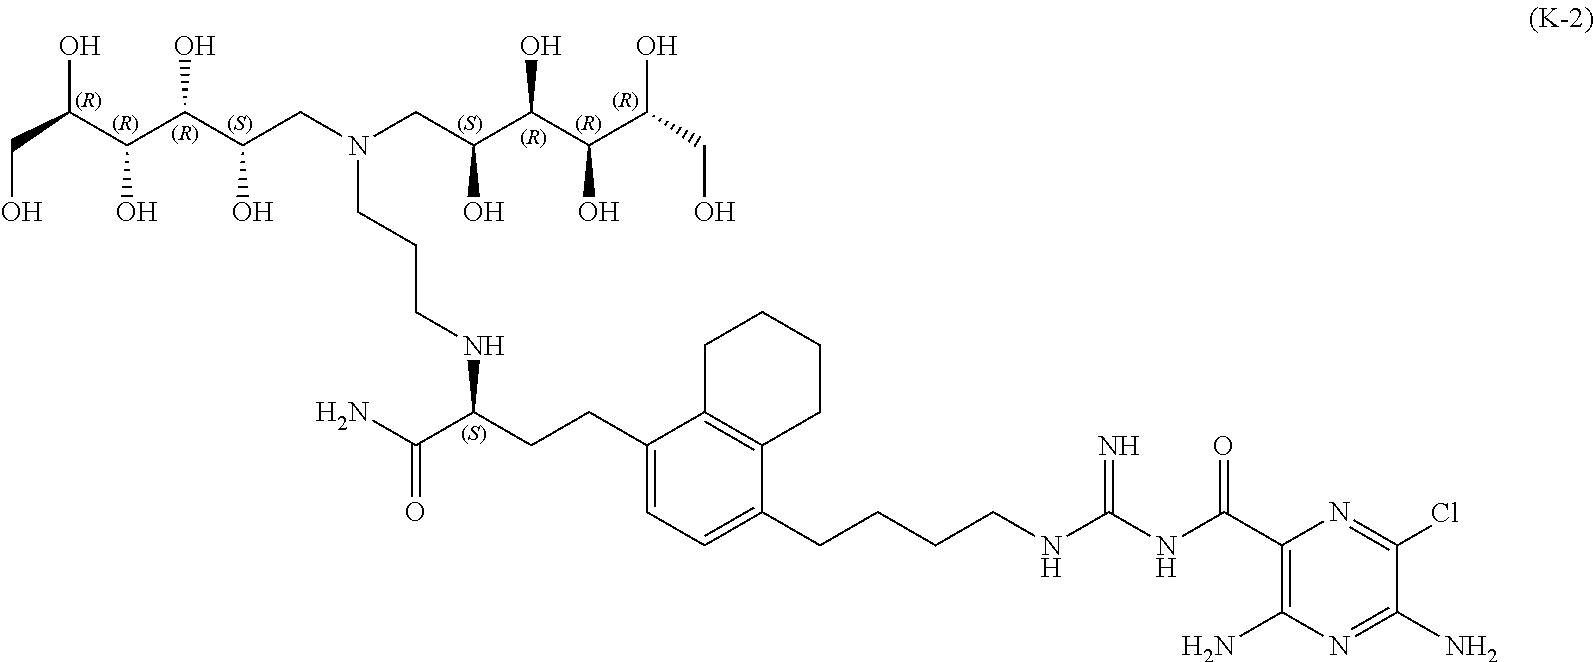 Figure US09695134-20170704-C00023